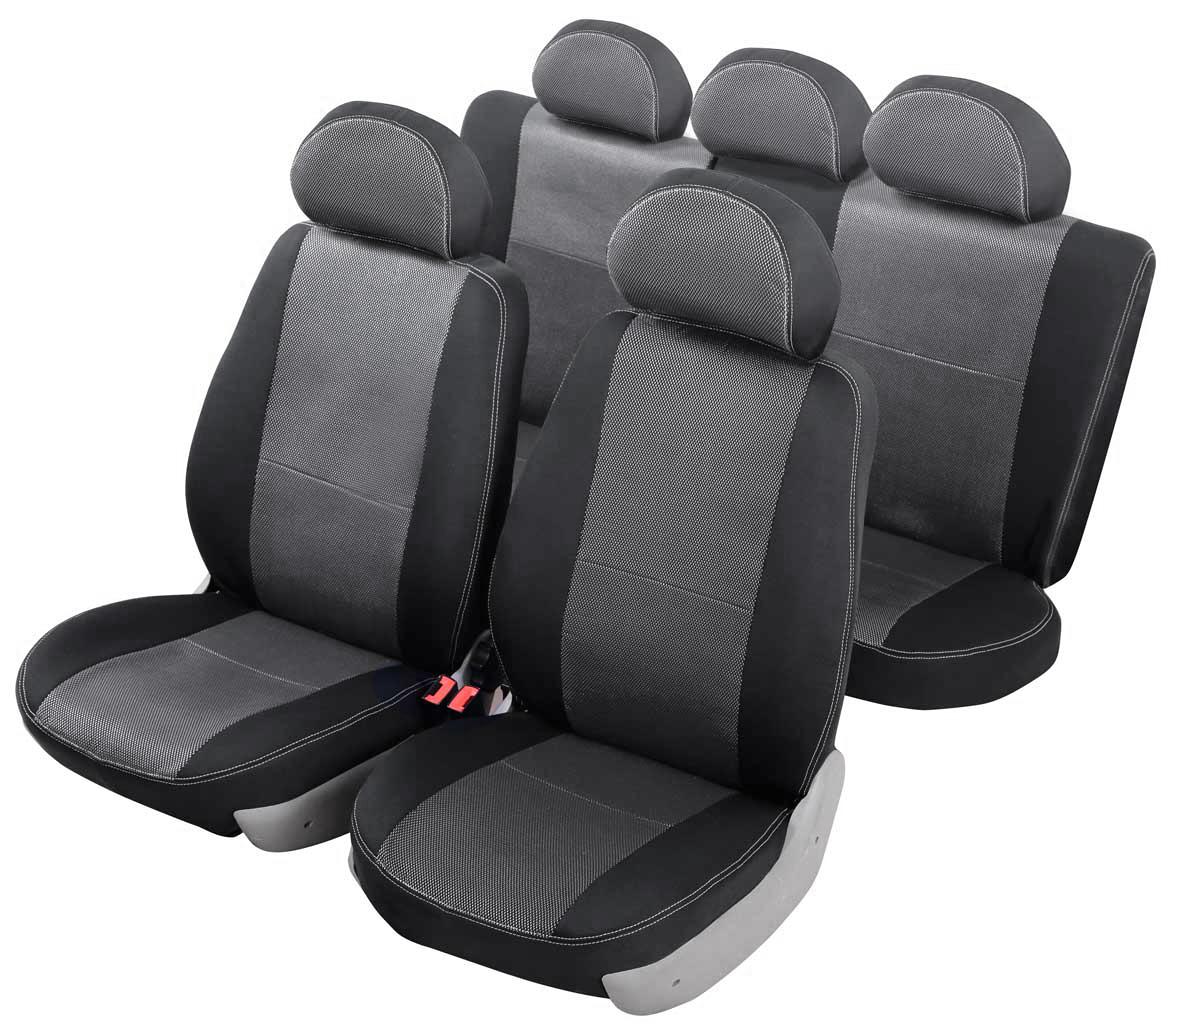 Чехол на автомобильное кресло Senator Dakkar MAZDA 3 2014-н.в. седан разд.зад.ряд, цвет: черныйS3010661Разработаны в РФ индивидуально для каждой модели автомобиля. Чехлы Senator Dakkar серийно выпускаются на собственном швейном производстве в России. Чехлы идеально повторяют штатную форму сидений и выглядят как оригинальная обивка сидений. Для простоты установки используется липучка Velcro, учтены все технологические отверстия. Чехлы сохраняют полную функциональность салона – трасформация сидений, возможность установки детских кресел ISOFIX, не препятствуют работе подушек безопасности AIRBAG и подогрева сидений. Дизайн чехлов Senator Dakkar приближен к оригинальной обивке салона. Чехлы имеют вставки из жаккарда по центру переднего сиденья и на подголовниках. Декоративная контрастная прострочка по периметру авточехлов придает стильный и изысканный внешний вид интерьеру автомобиля. Чехлы Senator Dakkar изготовлены из сверхпрочного жаккарда, триплированного огнеупорным поролоном толщиной 3 мм, за счет чего чехол приобретает дополнительную мягкость. Подложка из спандбонда сохраняет...